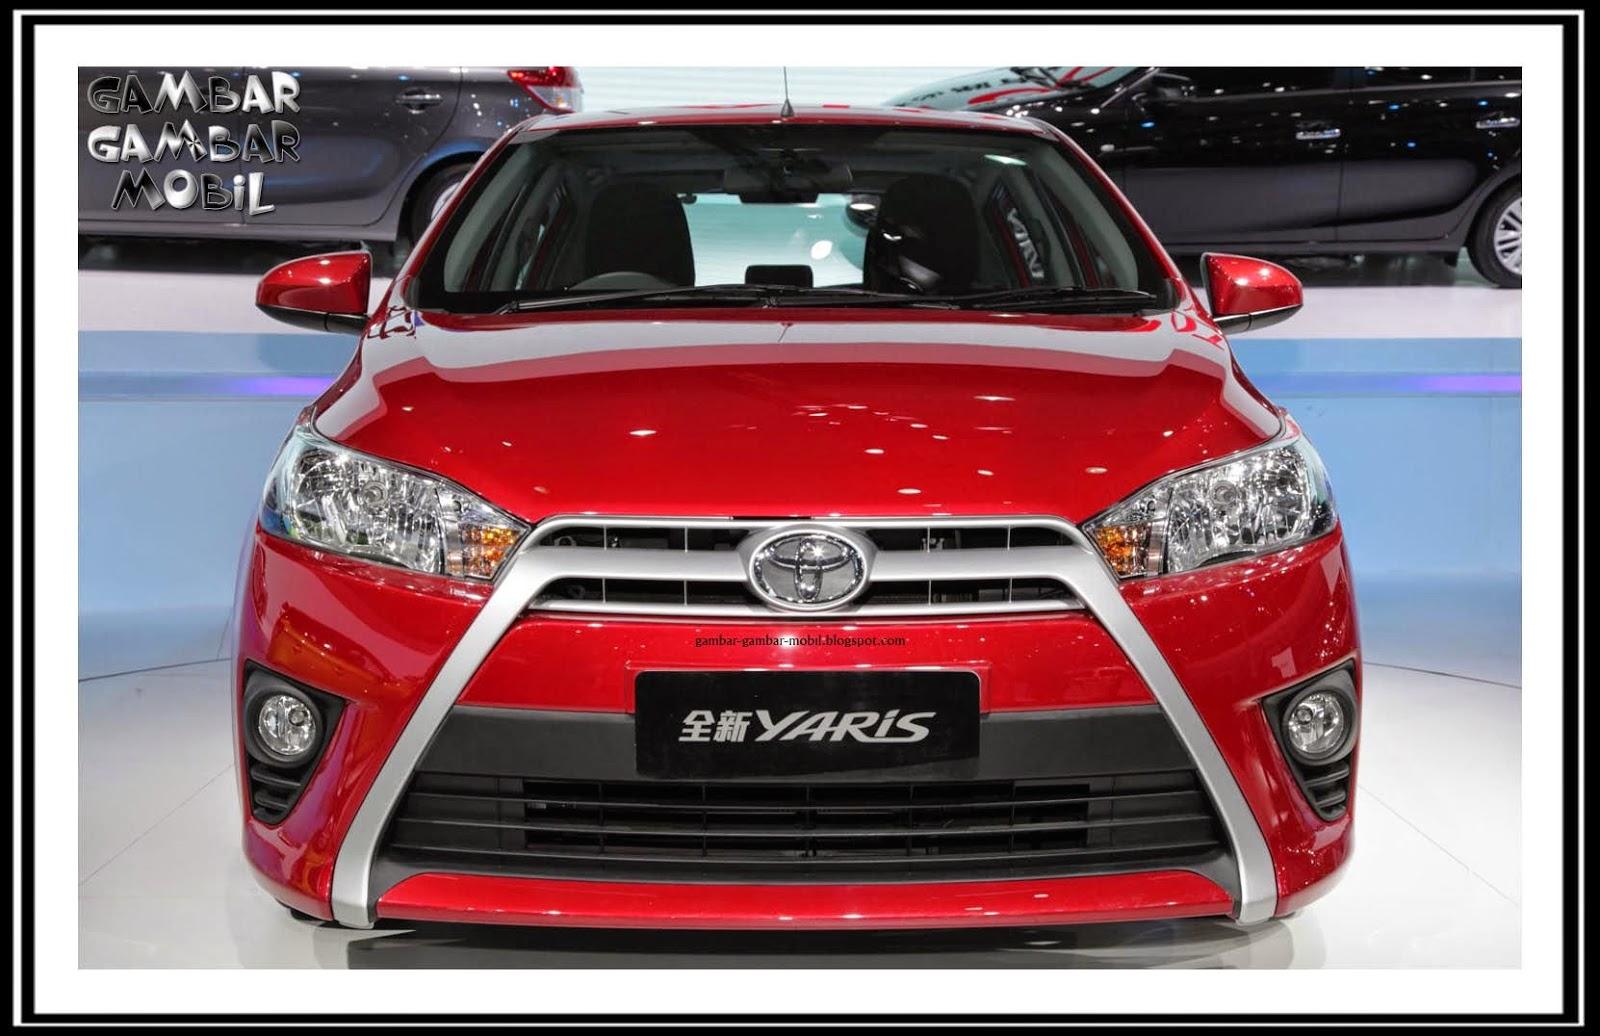 Toyota Yaris Trd Terbaru Grand New Veloz 1.3 2016 Gambar Mobil